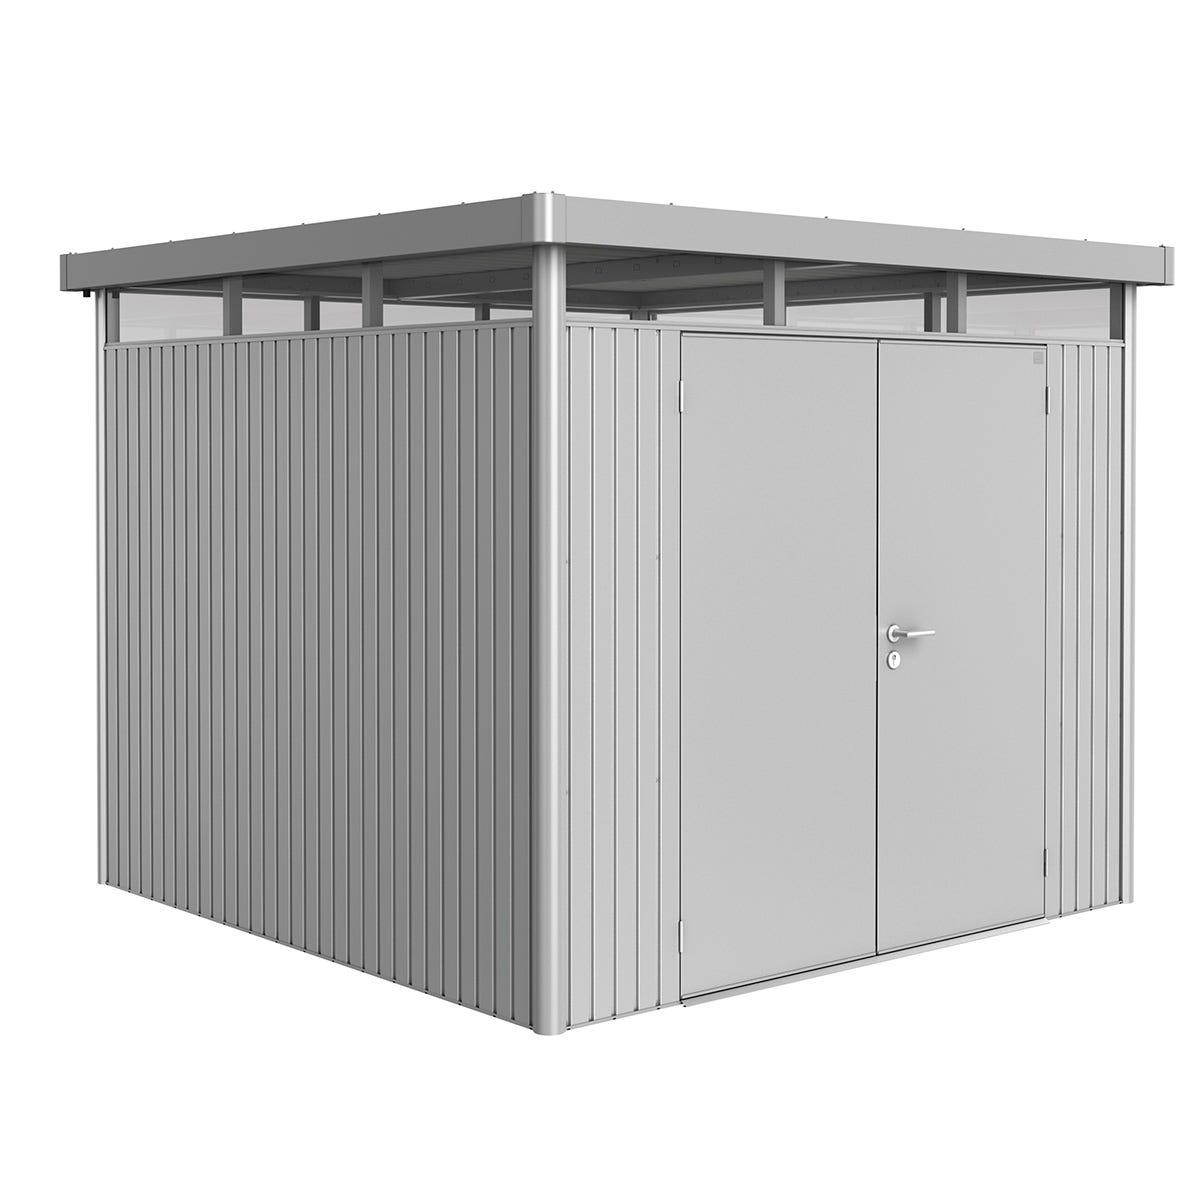 Biohort Highline Metal Shed H4 Double door 9 x 9 - Metallic Silver